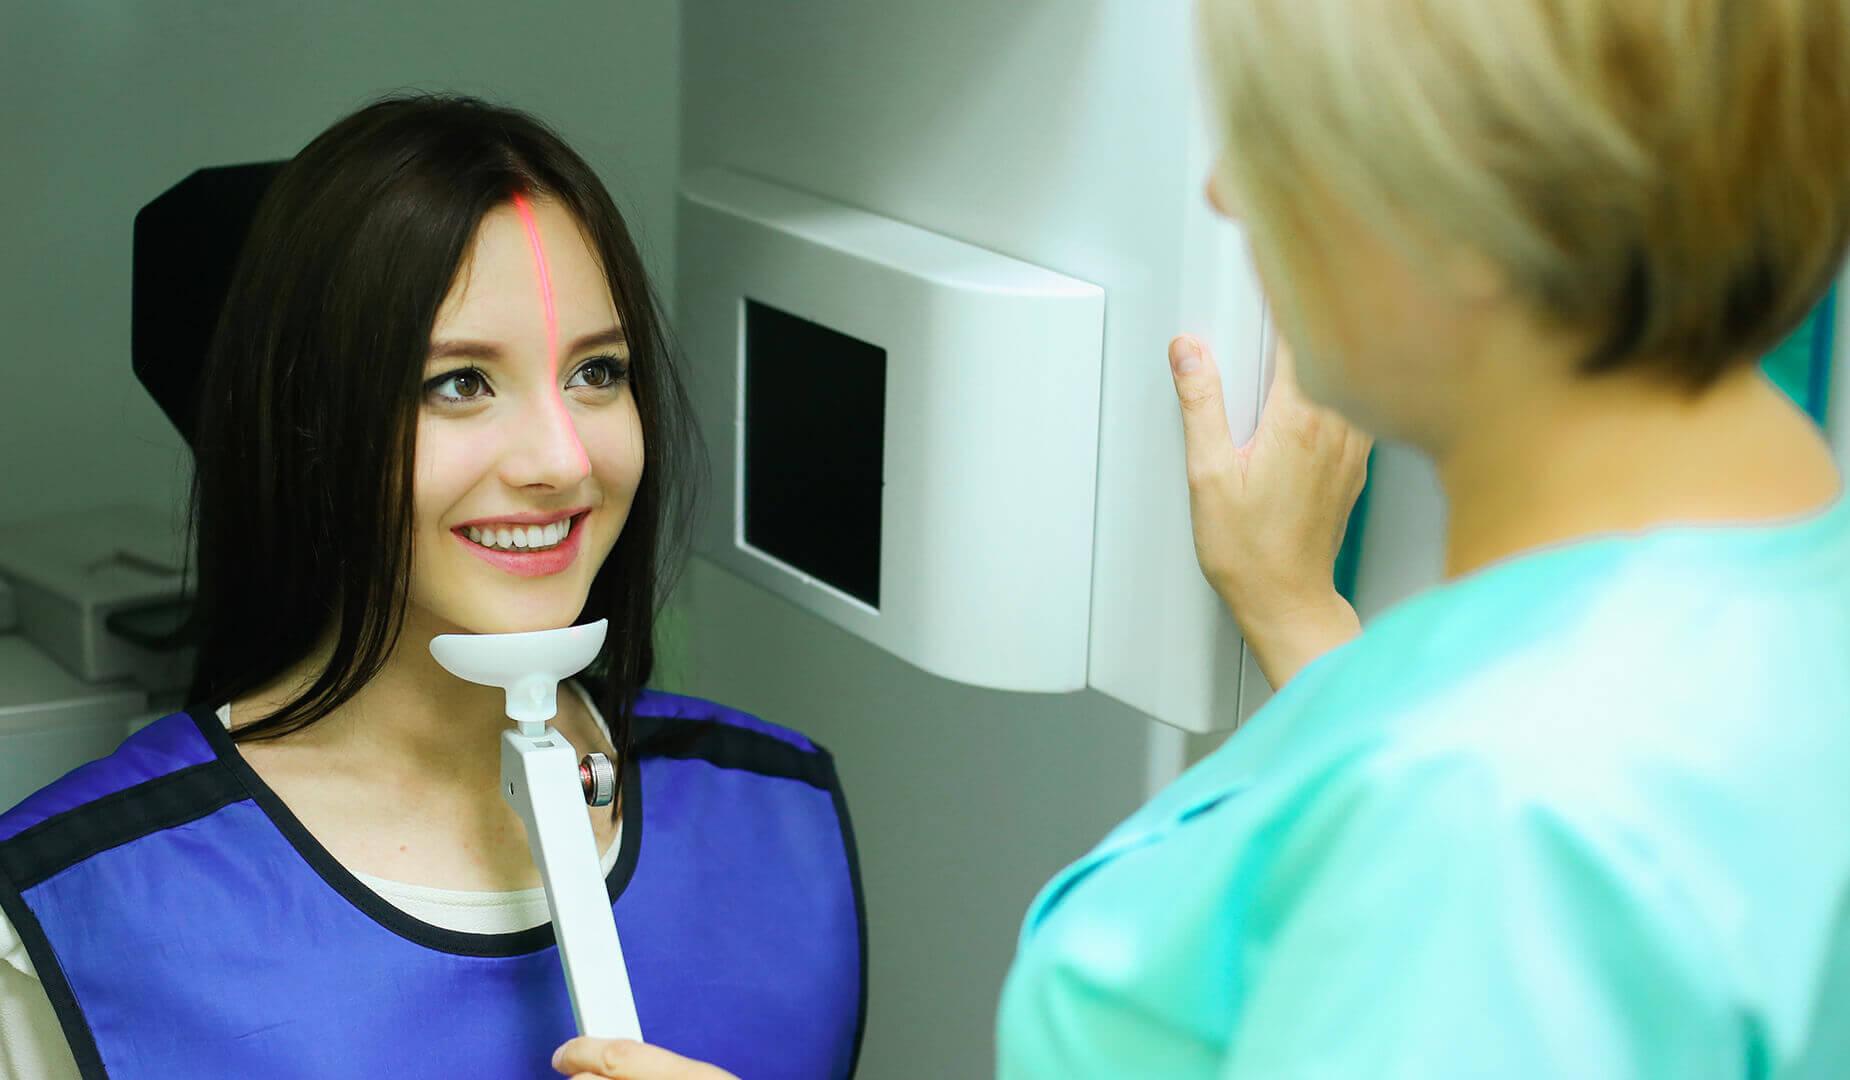 Пациентка улыбается врачу в процесс подготовки к КТ